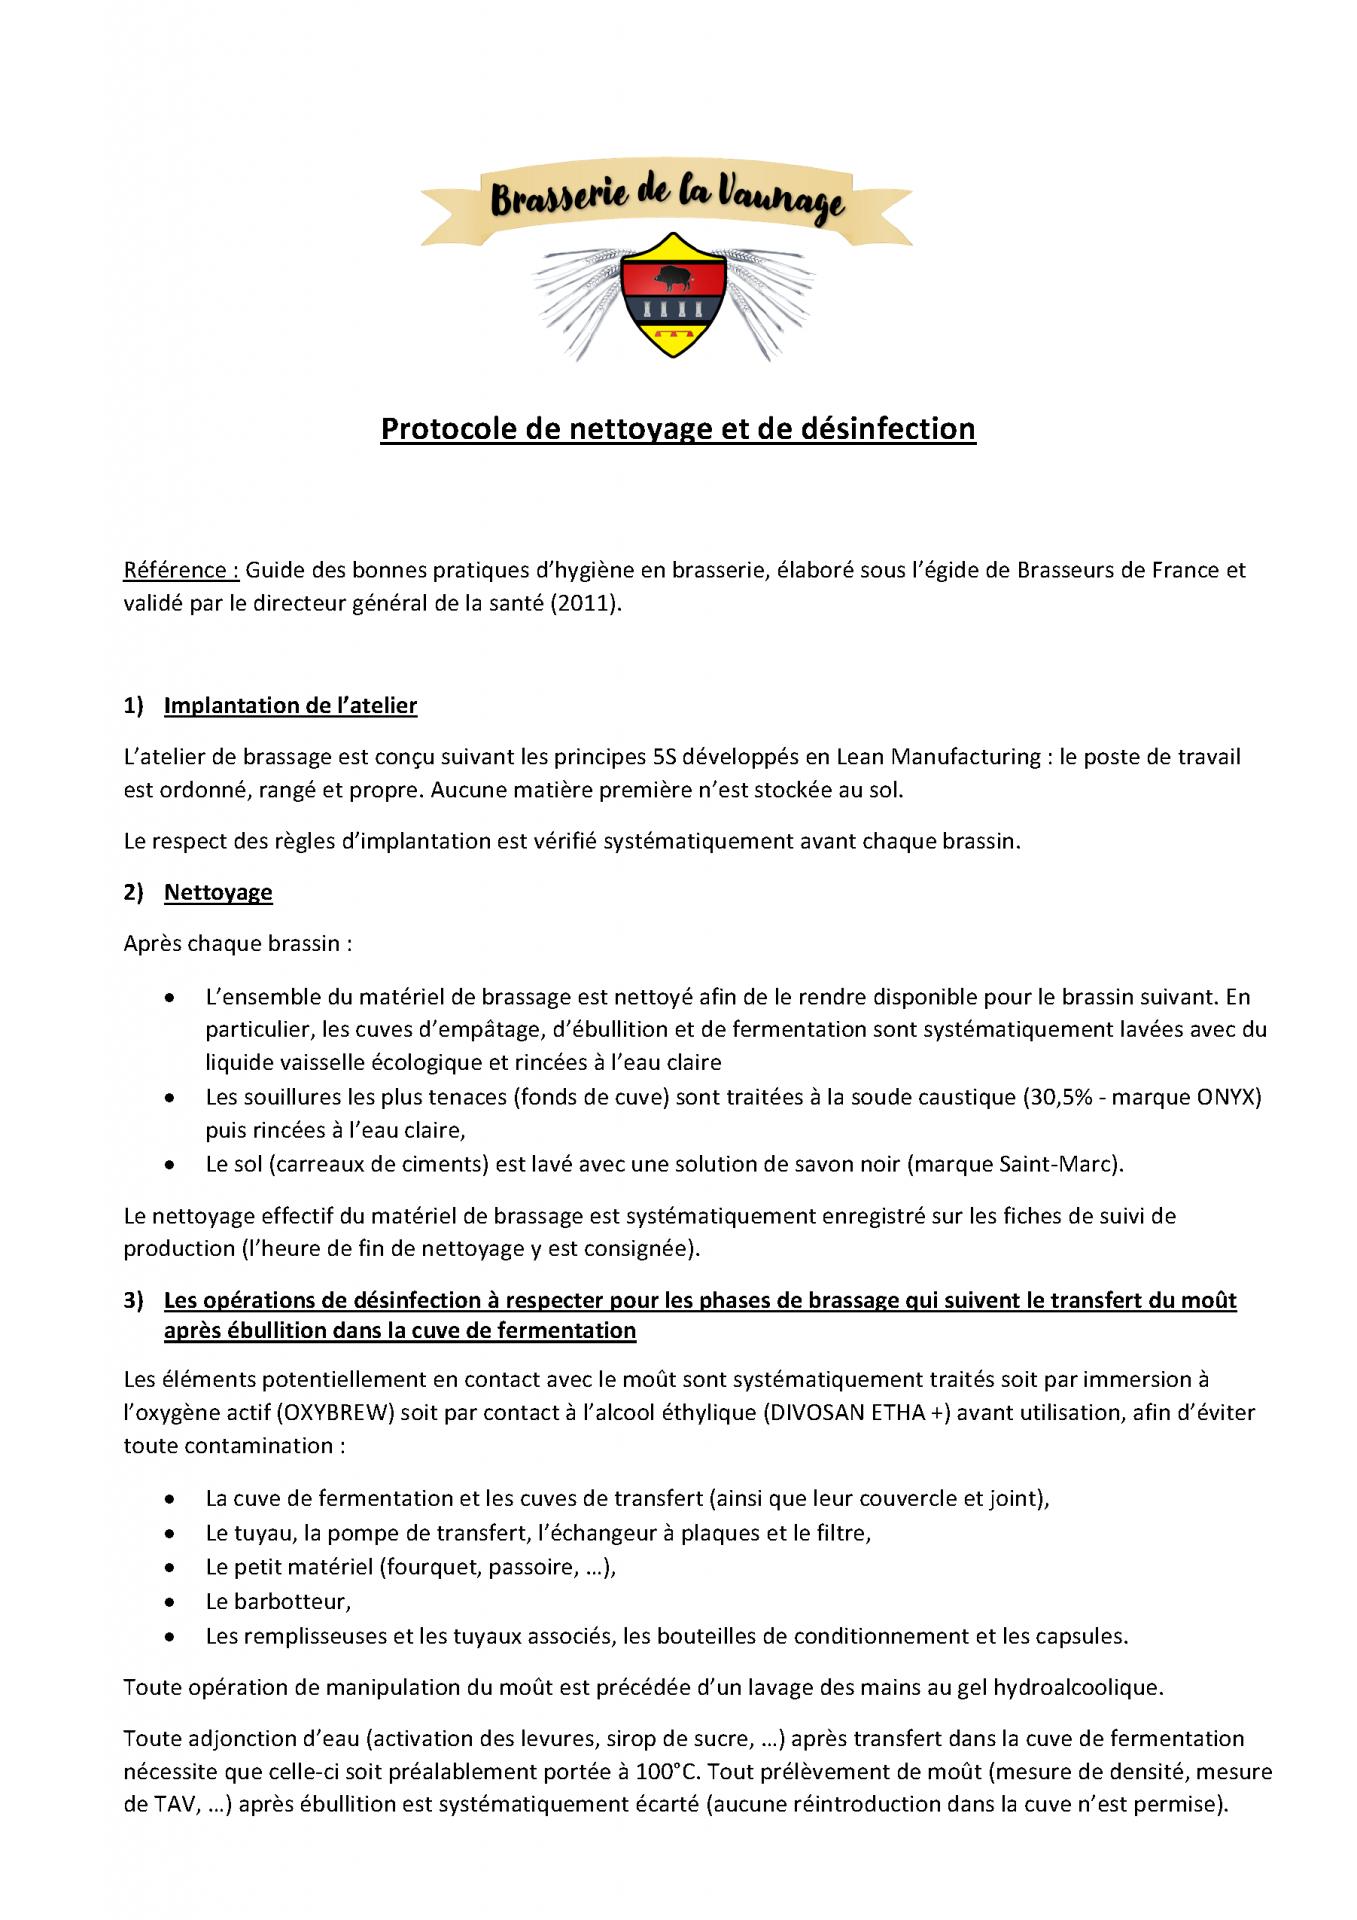 Protocole de nettoyage et desinfection brasserie de la vaunage